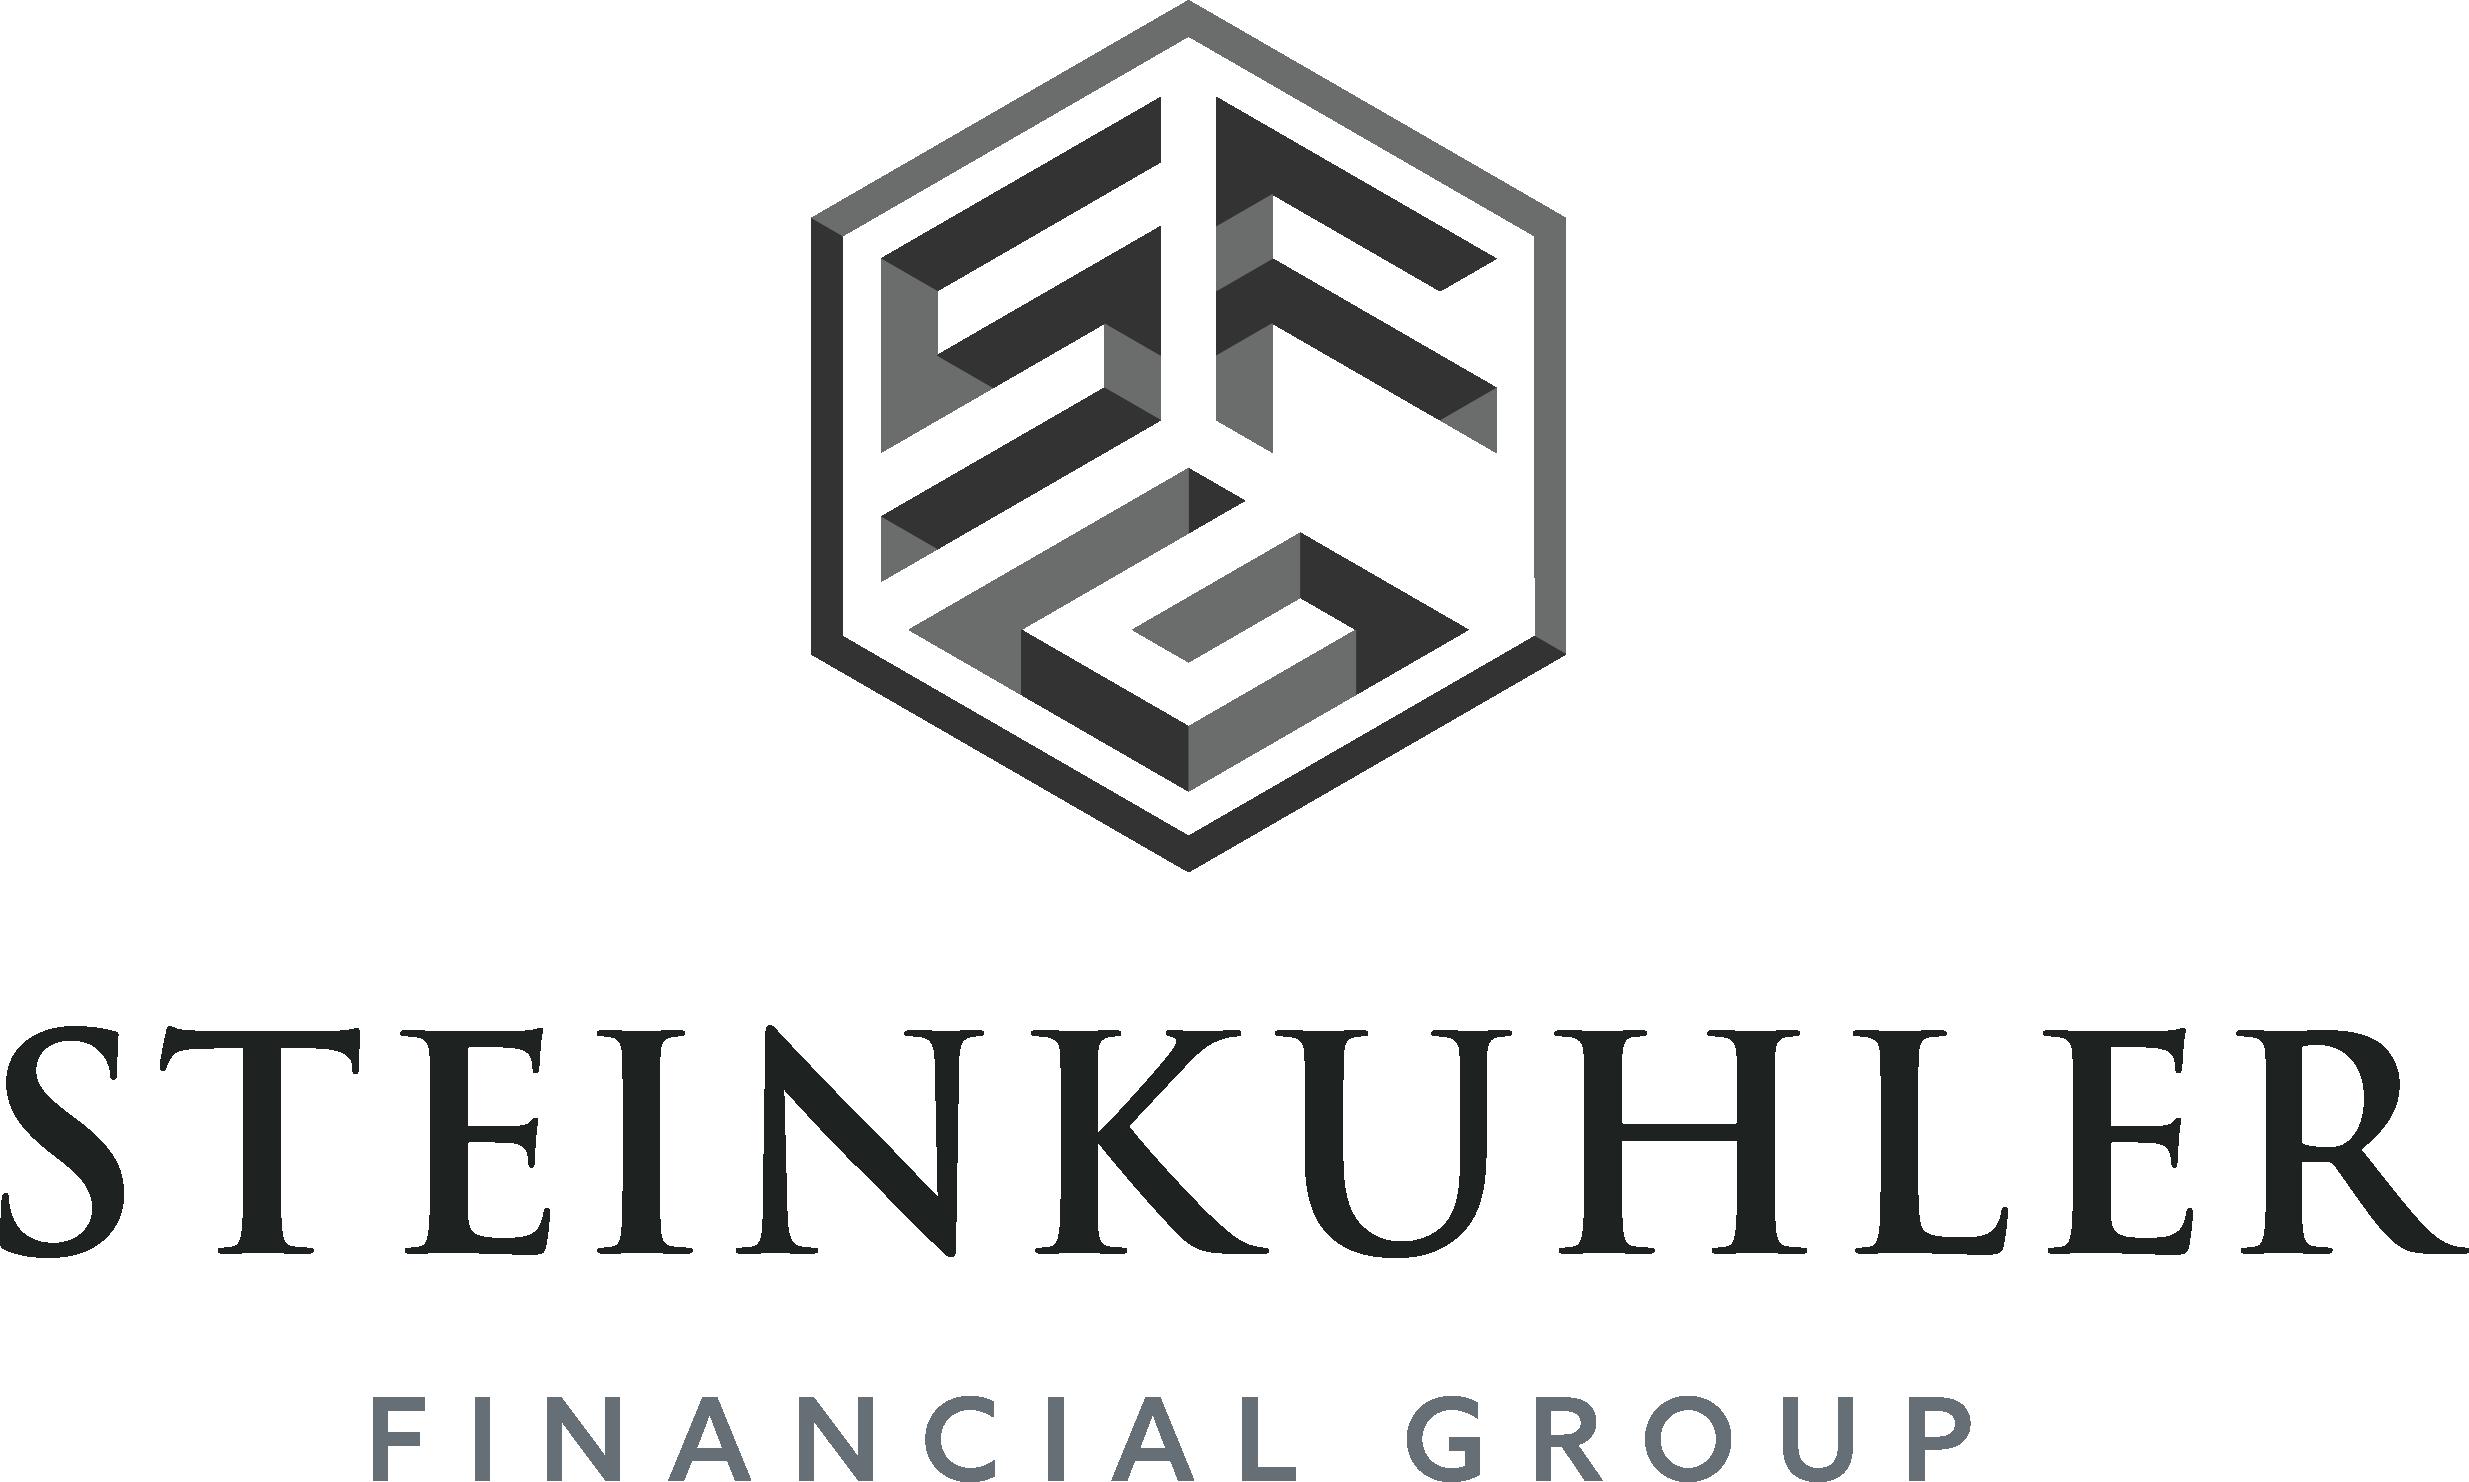 Steinkuhler Financial Group